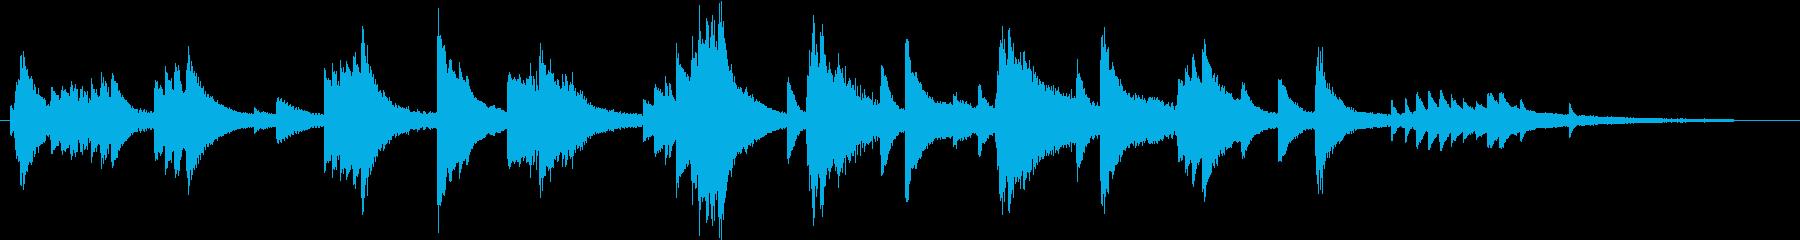 自由に演奏した甘美なジャズピアノジングルの再生済みの波形